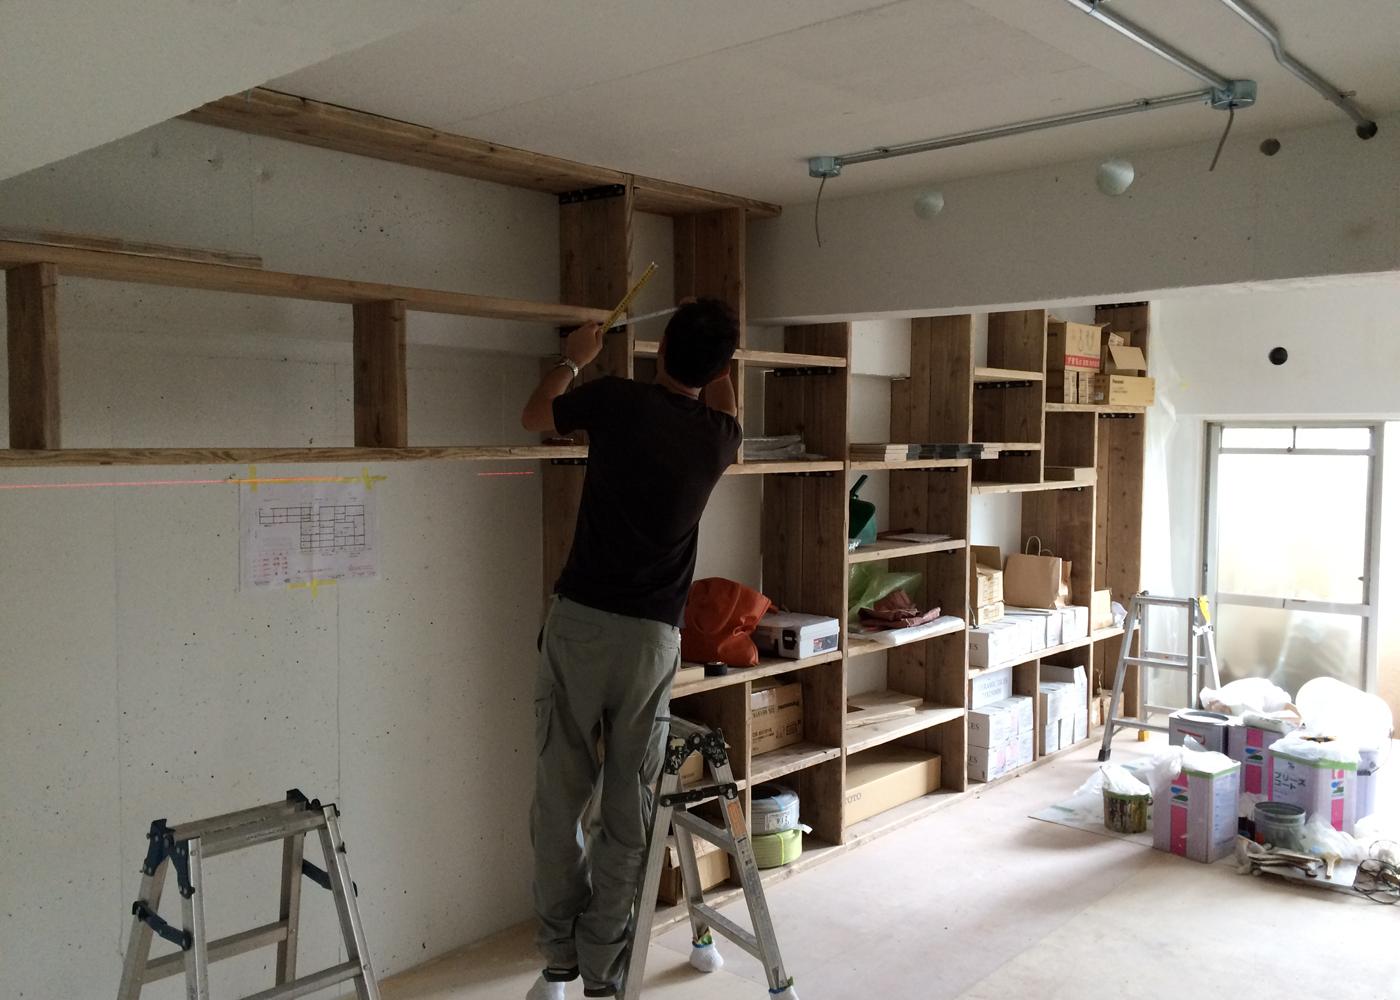 マンションリノベーション壁面家具施工中。ネコちゃんのツメ触りの良い素材として、足場板を使用しています。